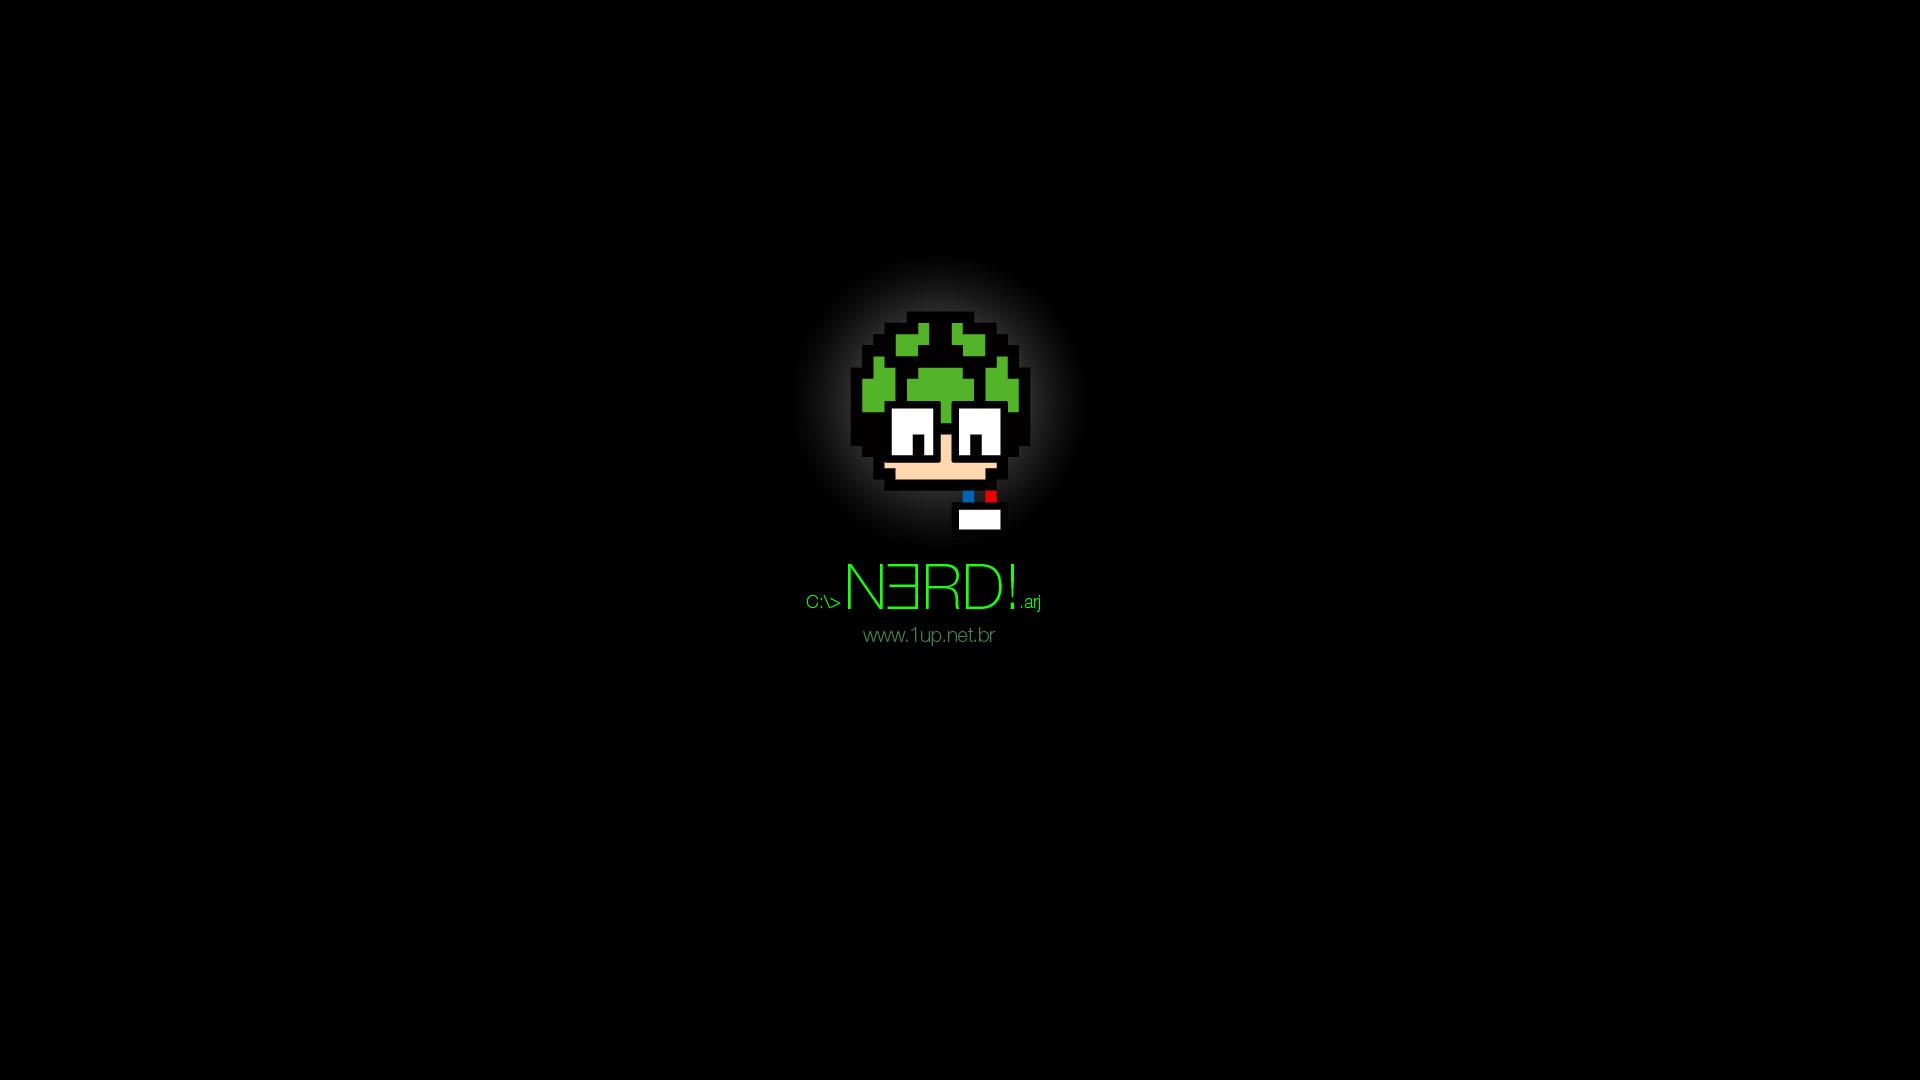 Nerd Desktop Wallpaper